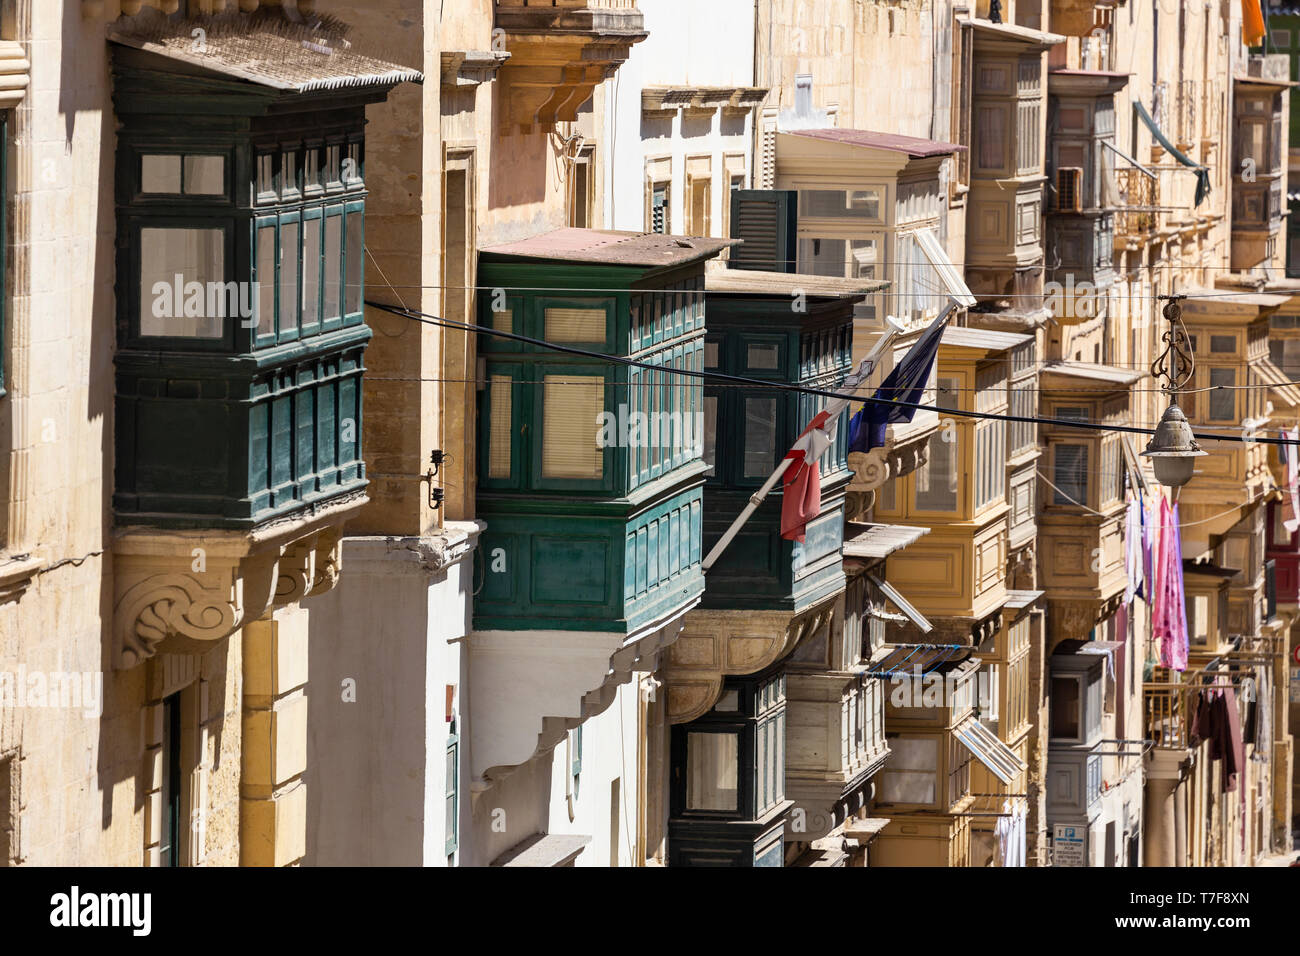 Malta, Malta, Valletta, Republic Street - Stock Image